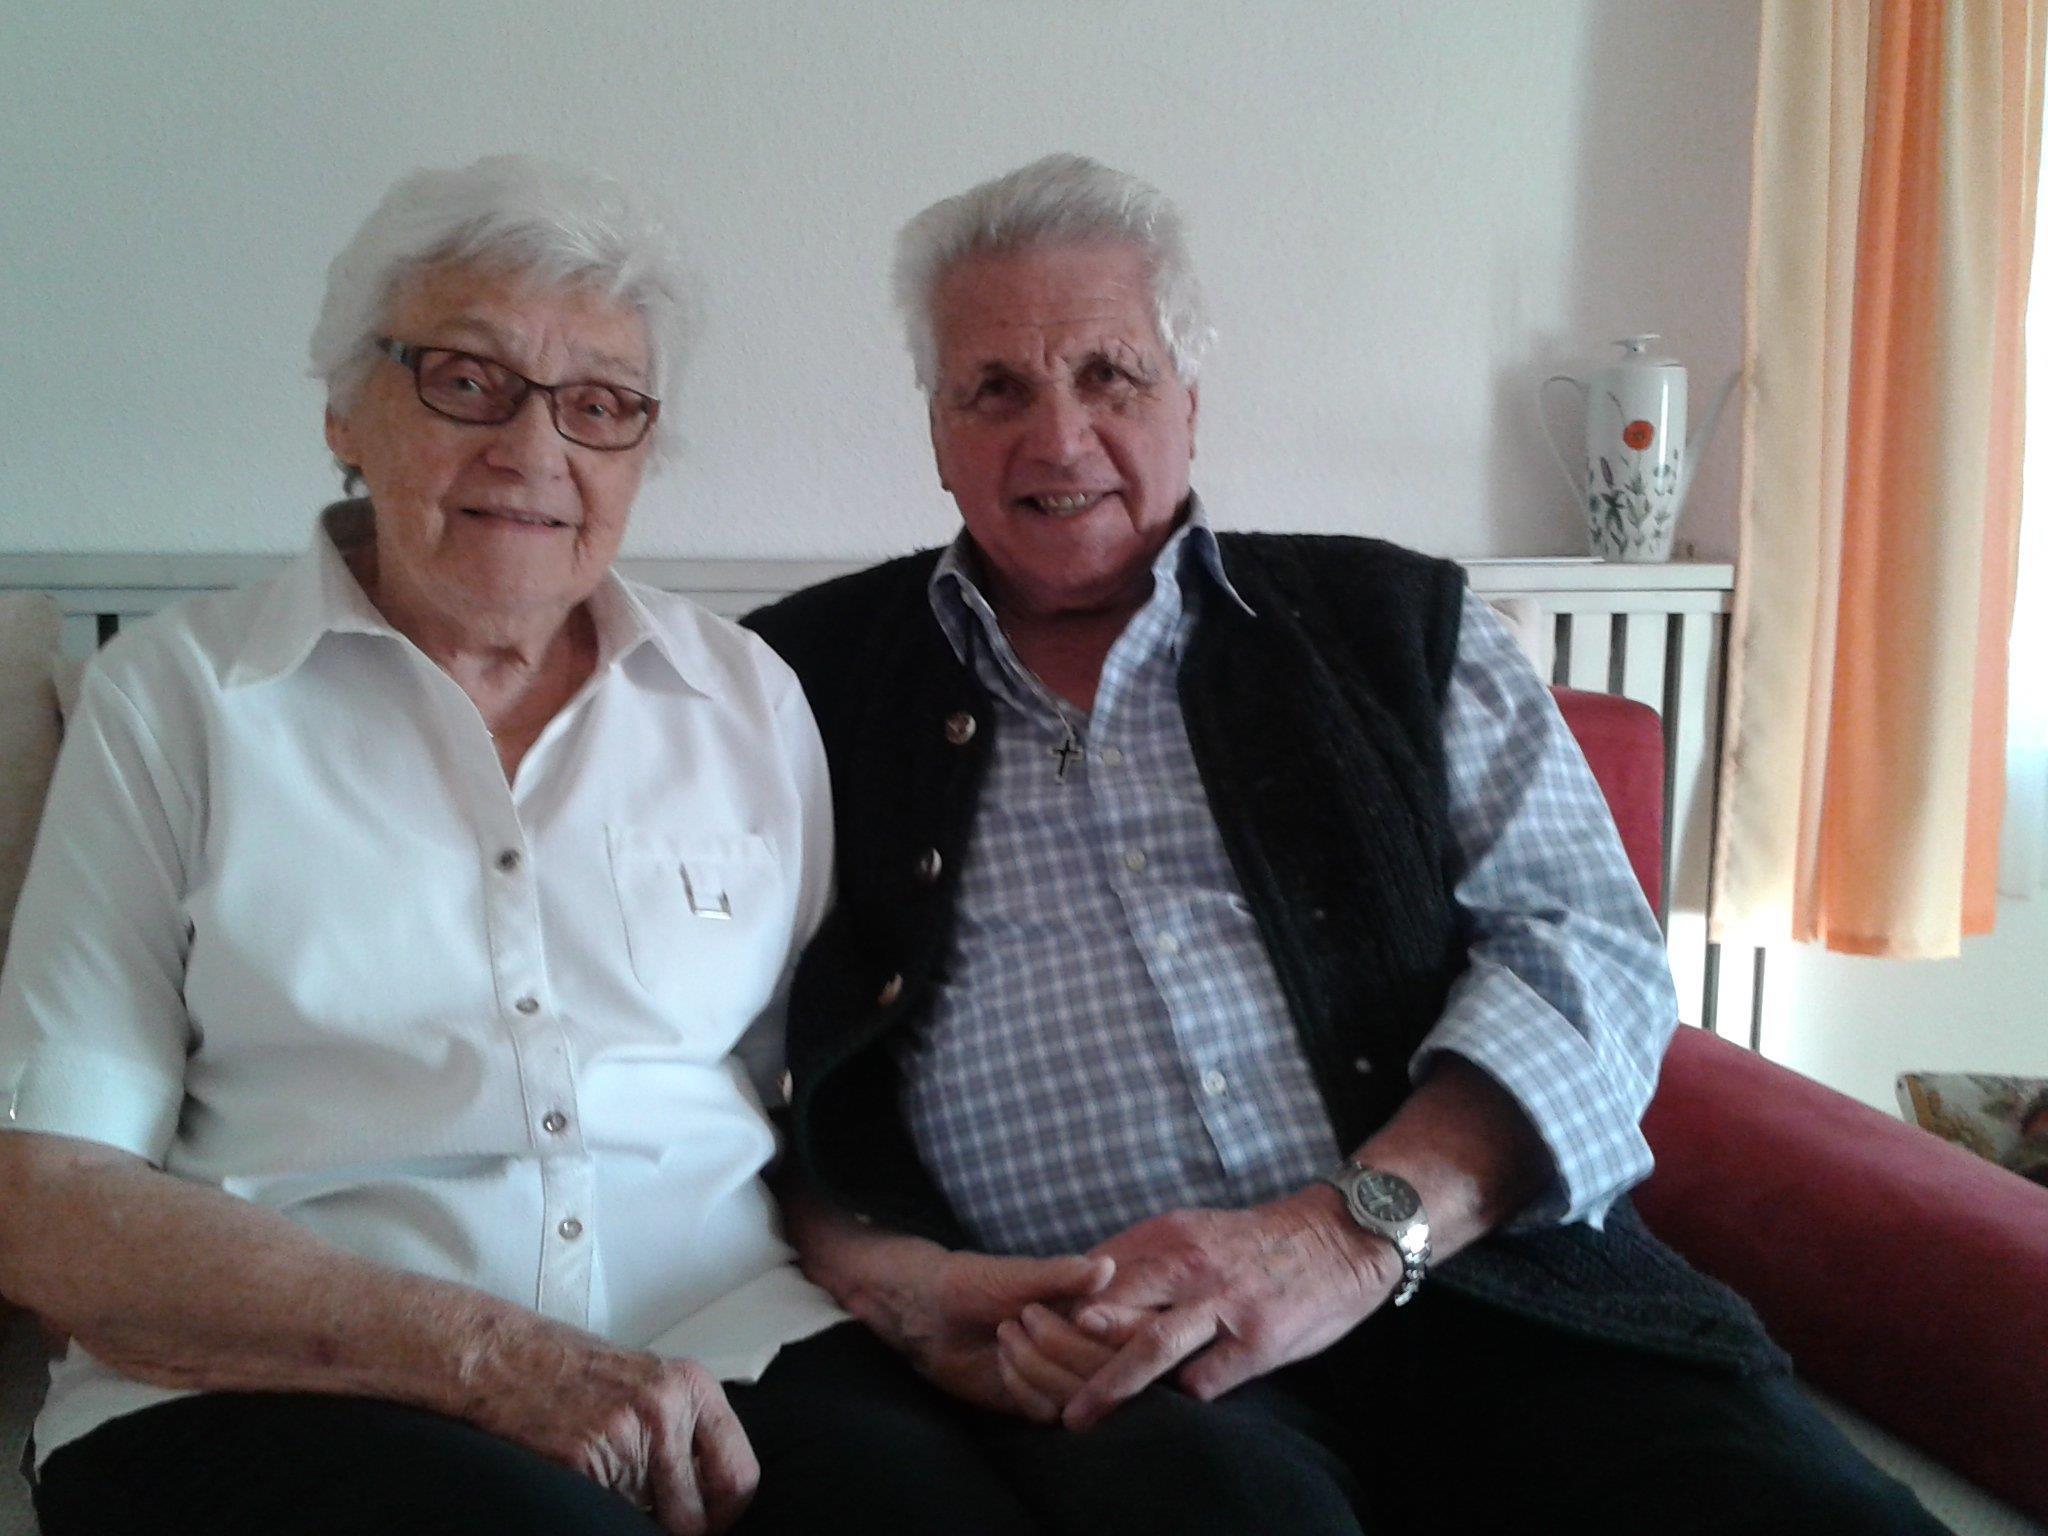 Noch viele schöne gemeinsame Jahre wünschen sich Annemarie und Max Lampert zum 60. Hochzeitstag.